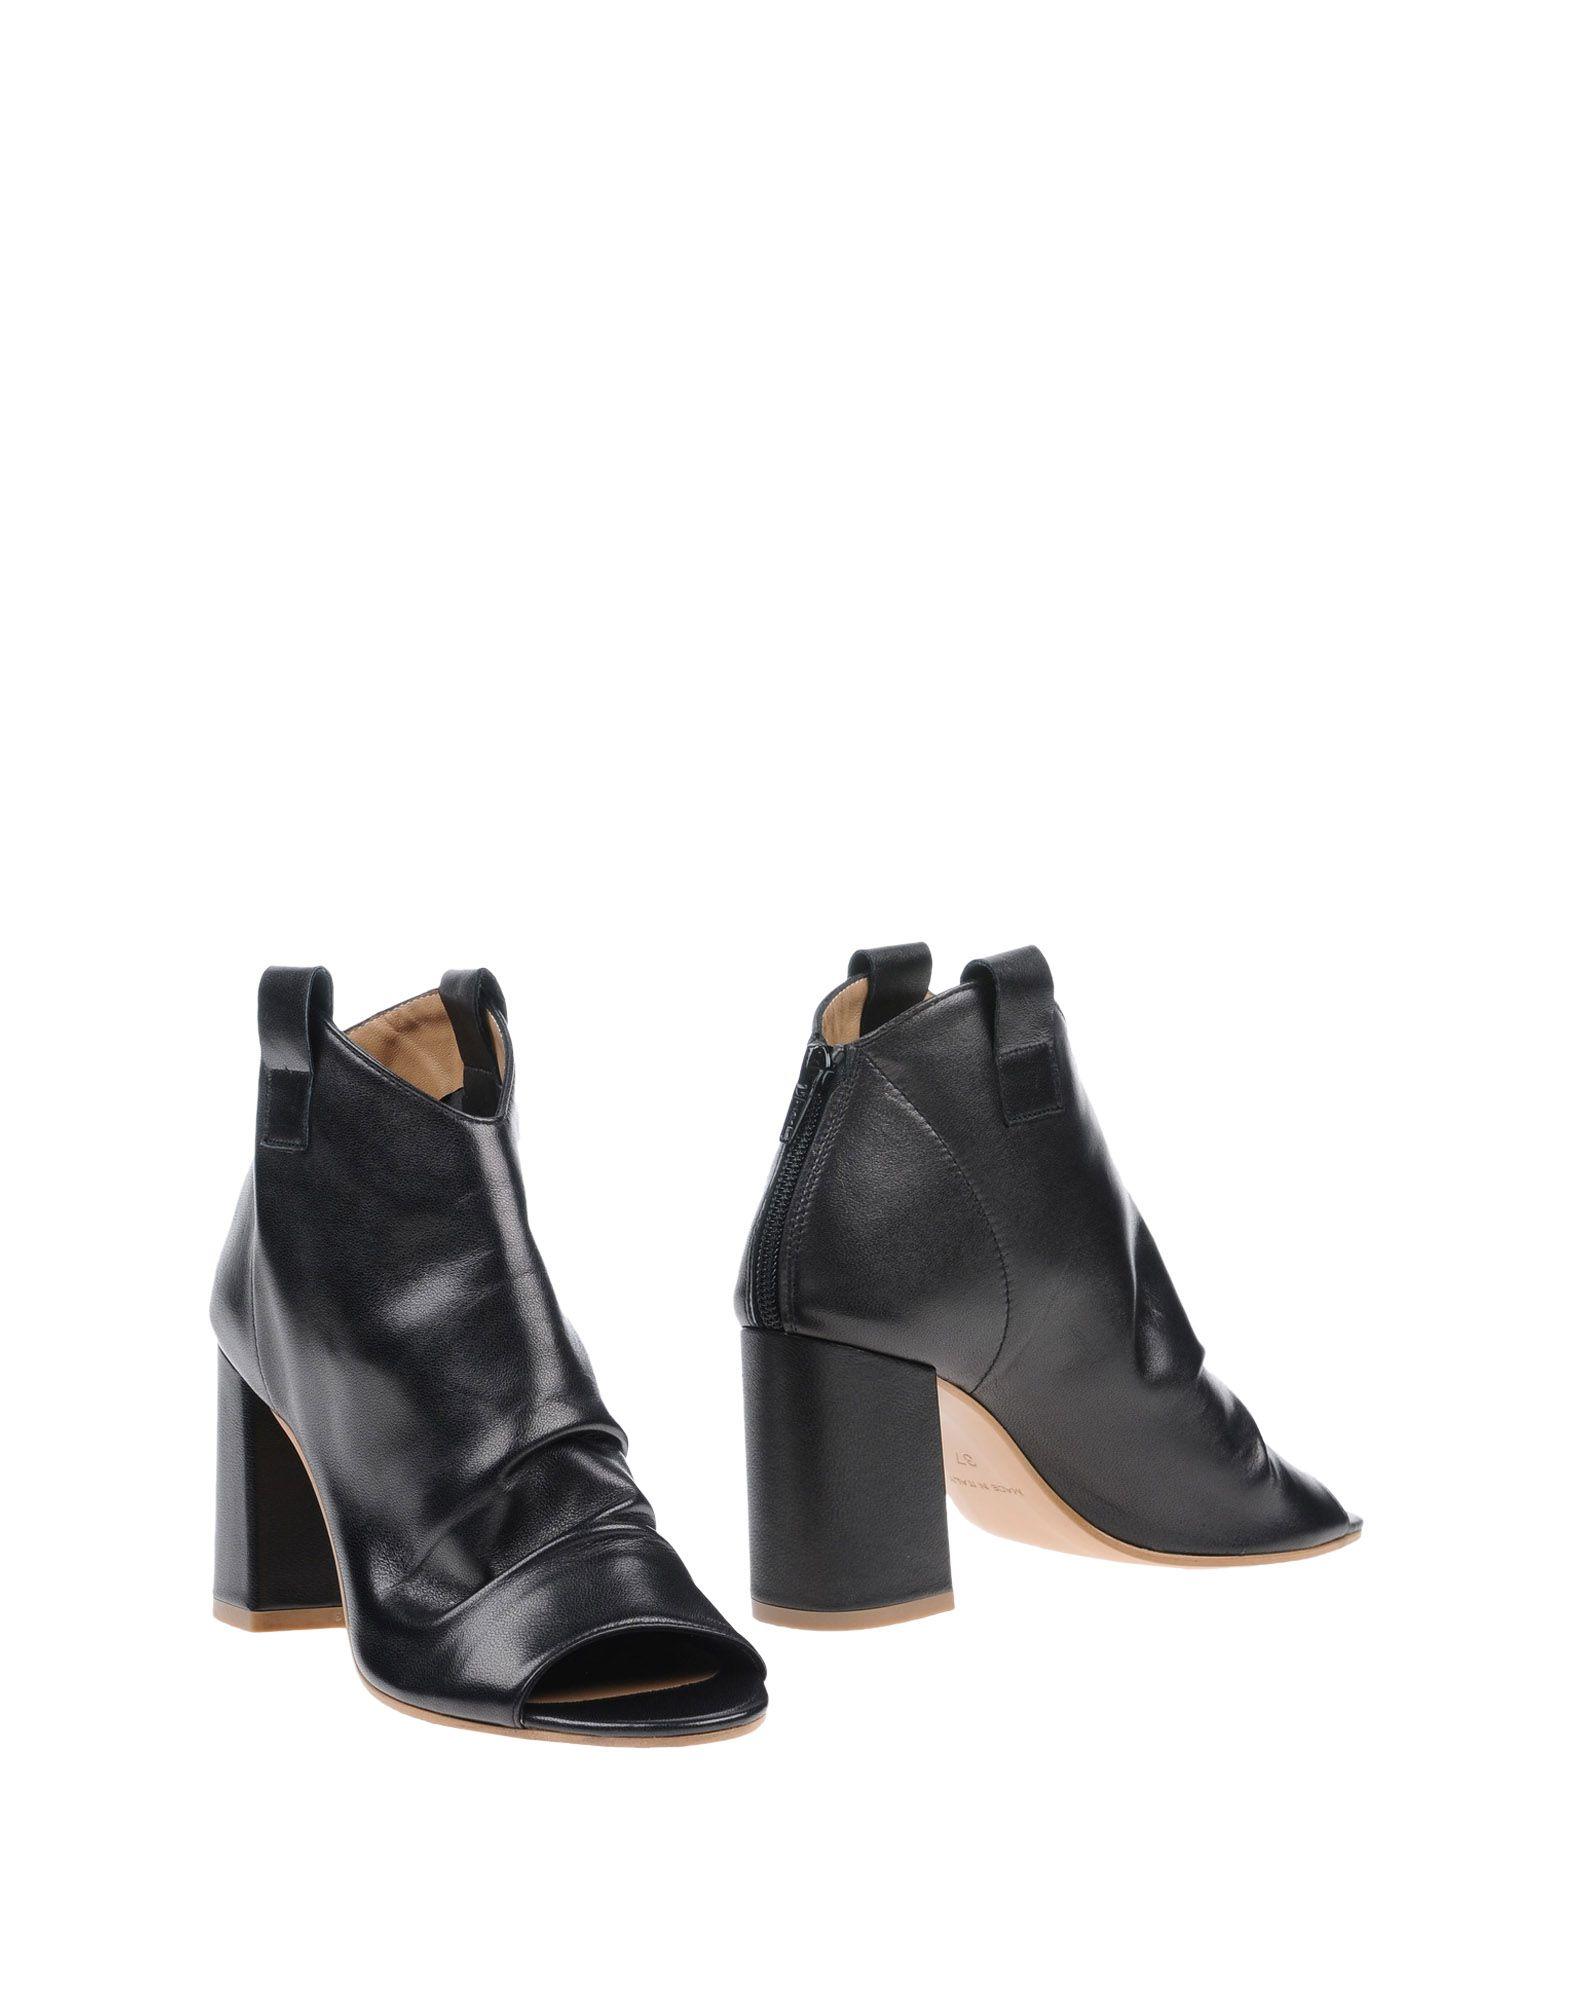 Stephen 11334185LT Good London Stiefelette Damen 11334185LT Stephen Gute Qualität beliebte Schuhe 938132